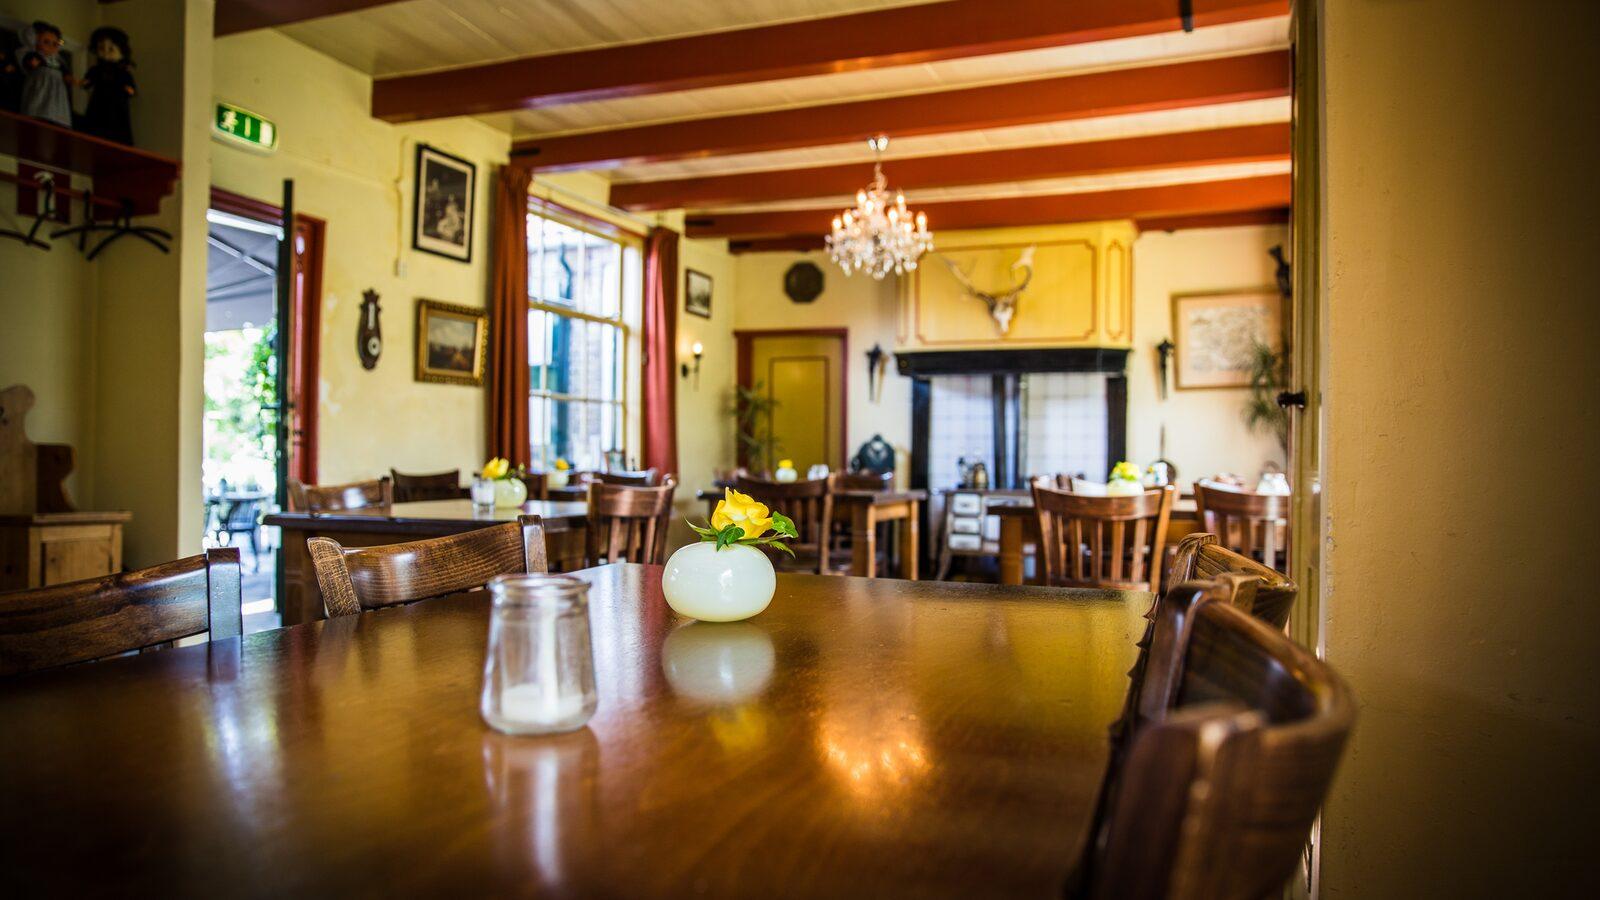 Ferienhaus - Kon. Emmaweg 26 | Vrouwenpolder 'Uitspanning Oranjezon'